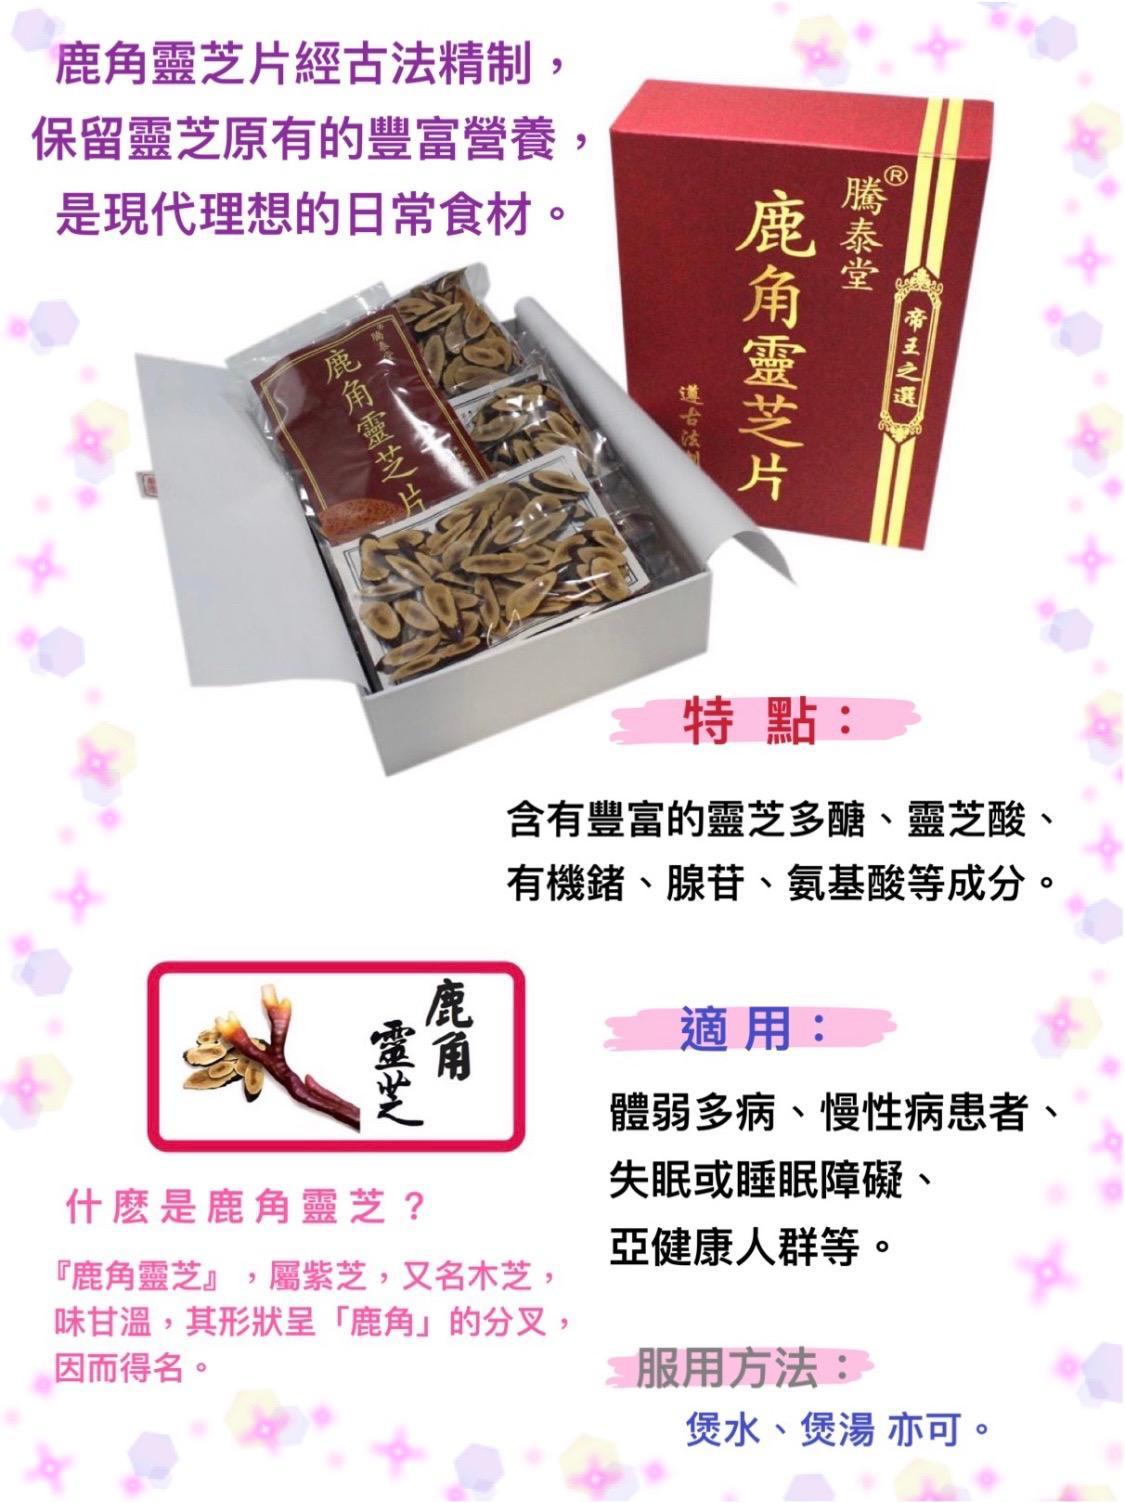 ganoderma-slices-product.jpg